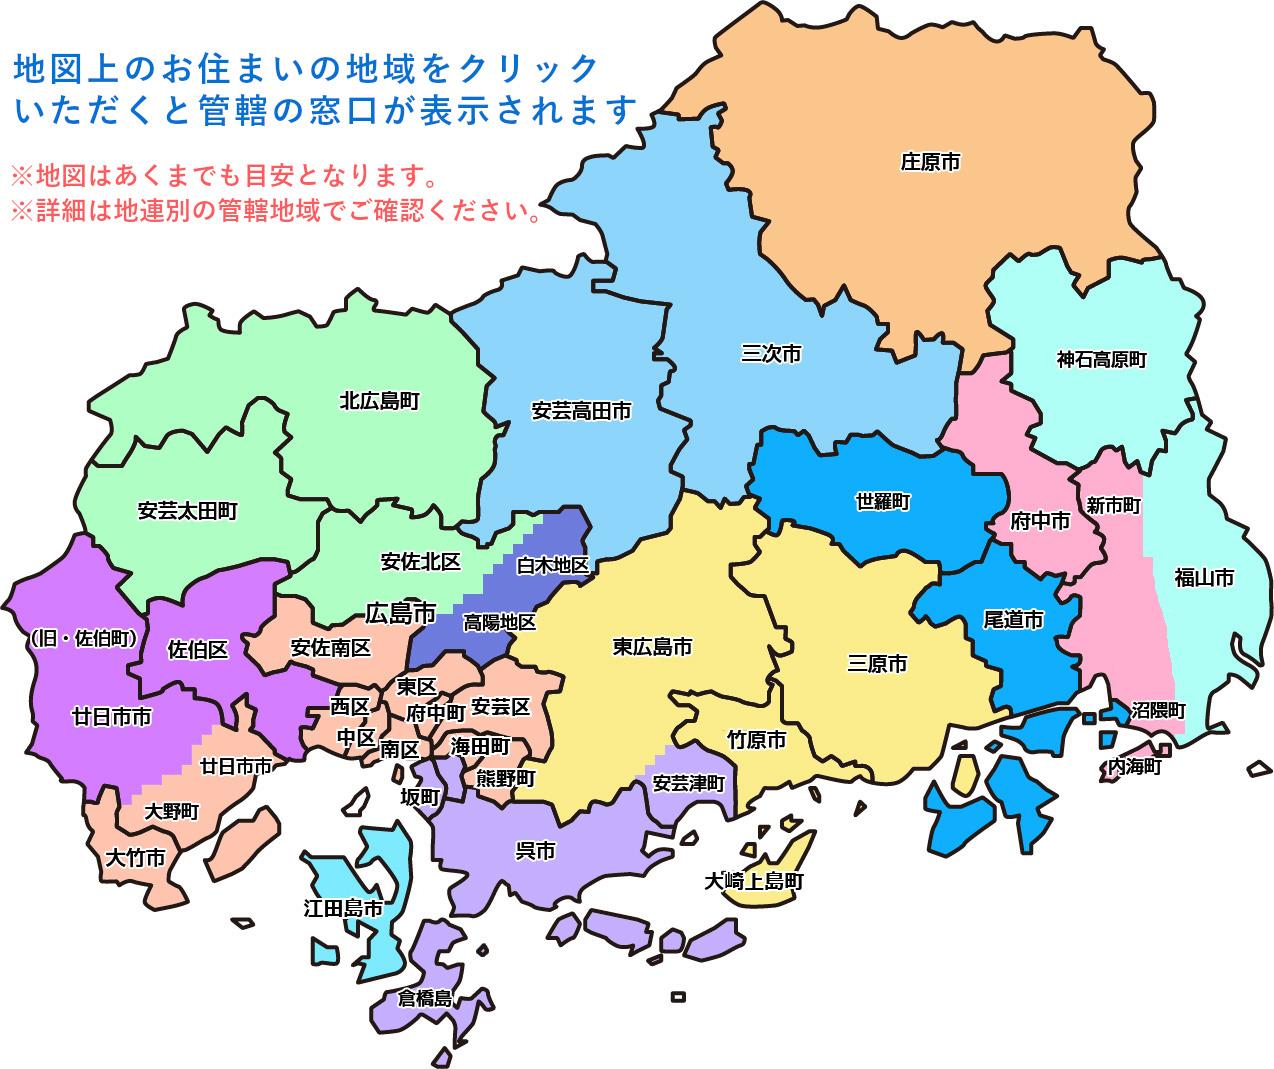 地図上のお住まいの地域をクリックいただくと管轄の窓口が表示されます。※地図はあくまでも目安となります。※詳細は地連別の管轄地域でご確認ください。